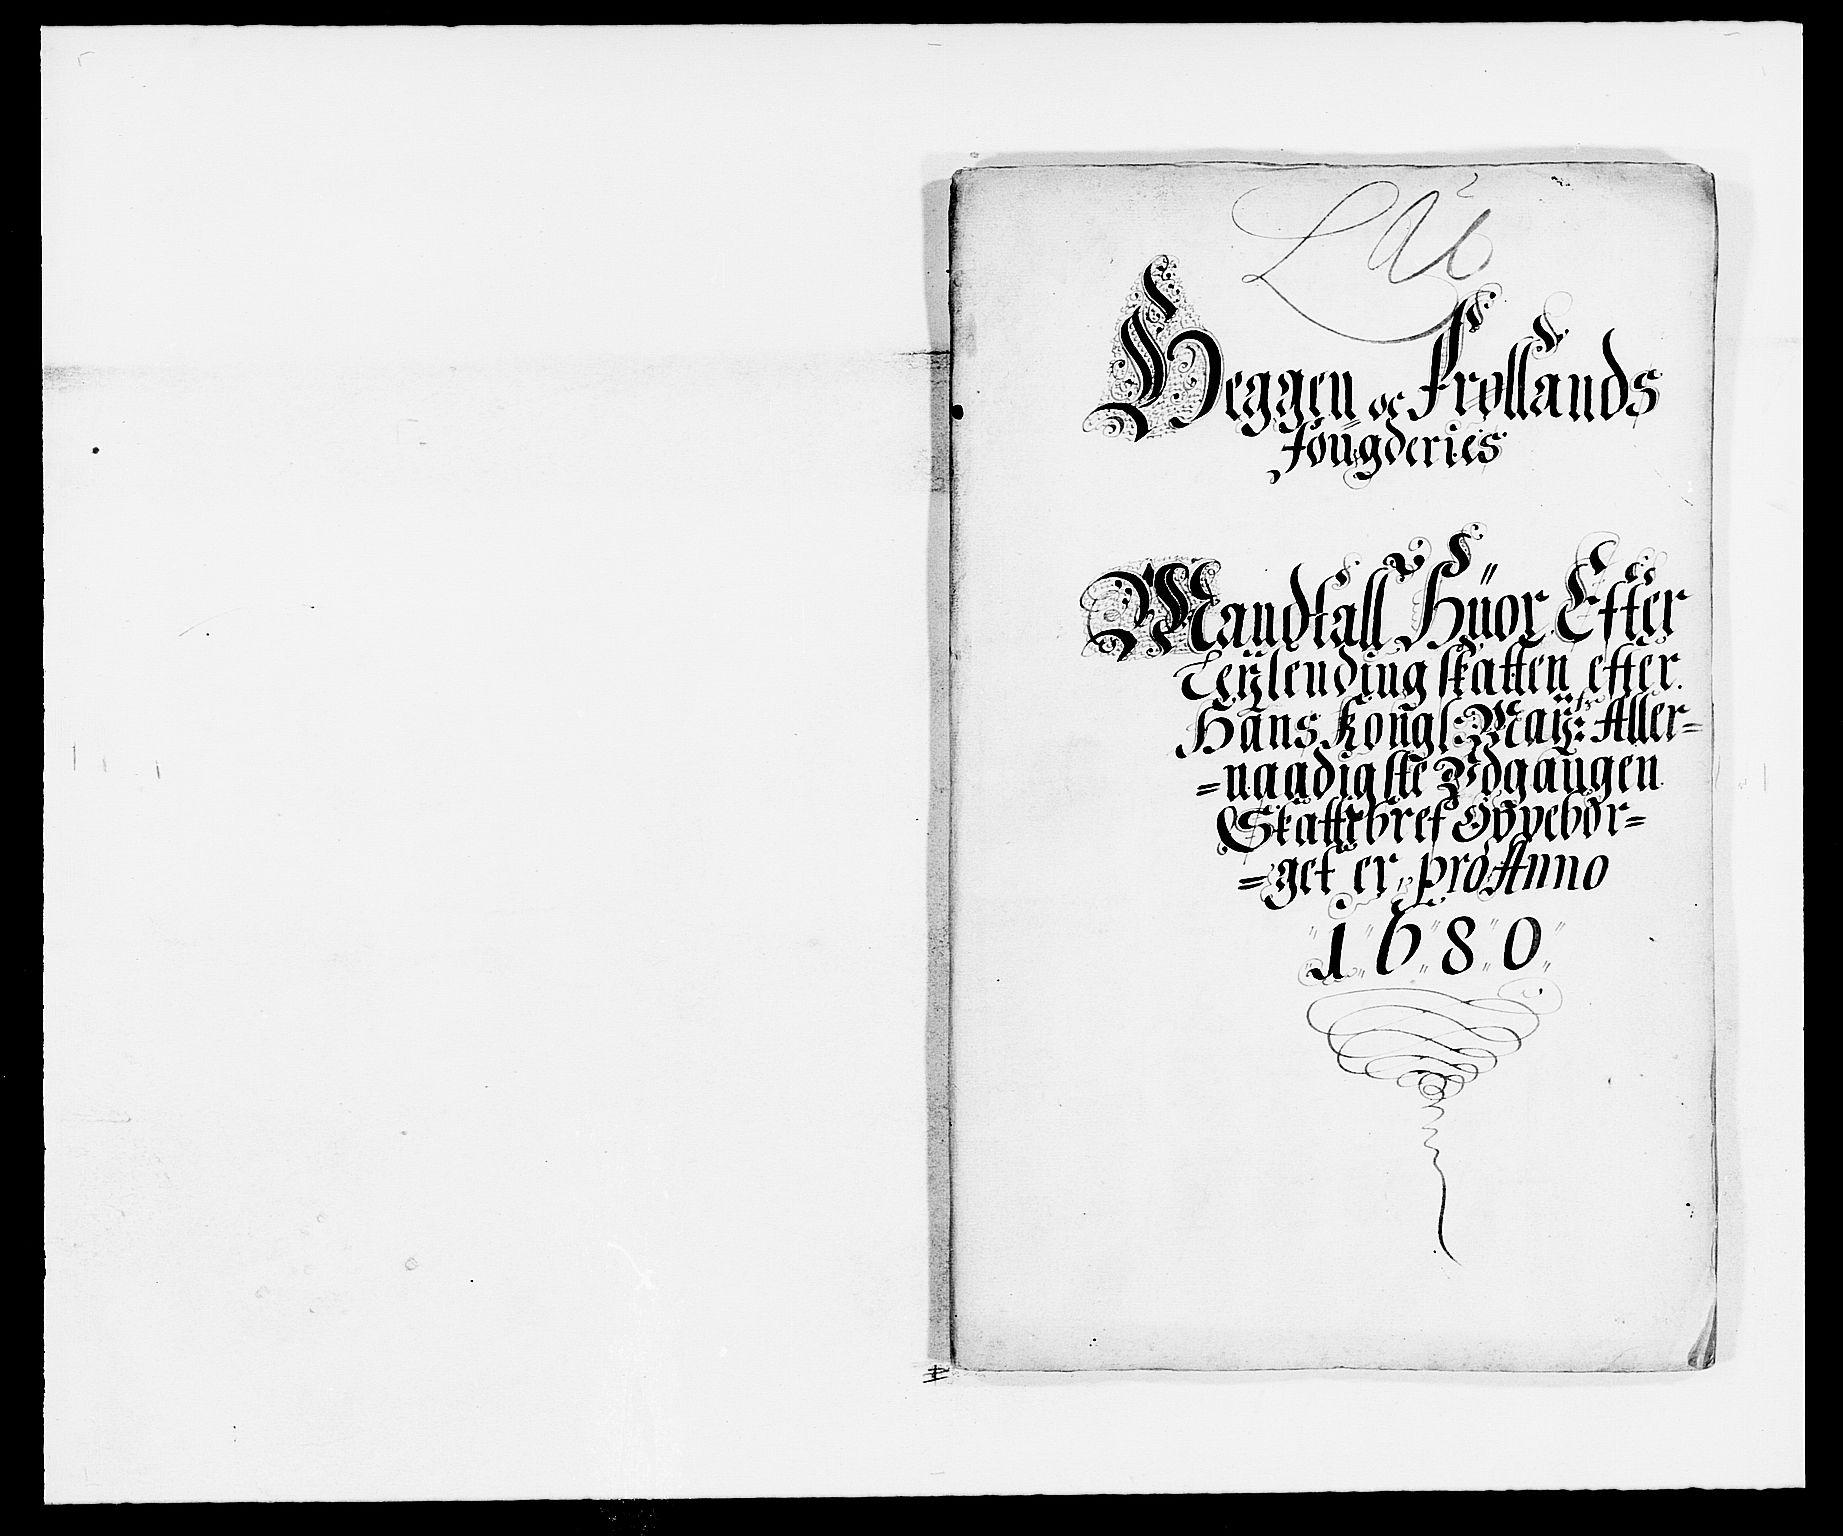 RA, Rentekammeret inntil 1814, Reviderte regnskaper, Fogderegnskap, R06/L0279: Fogderegnskap Heggen og Frøland, 1678-1680, s. 436